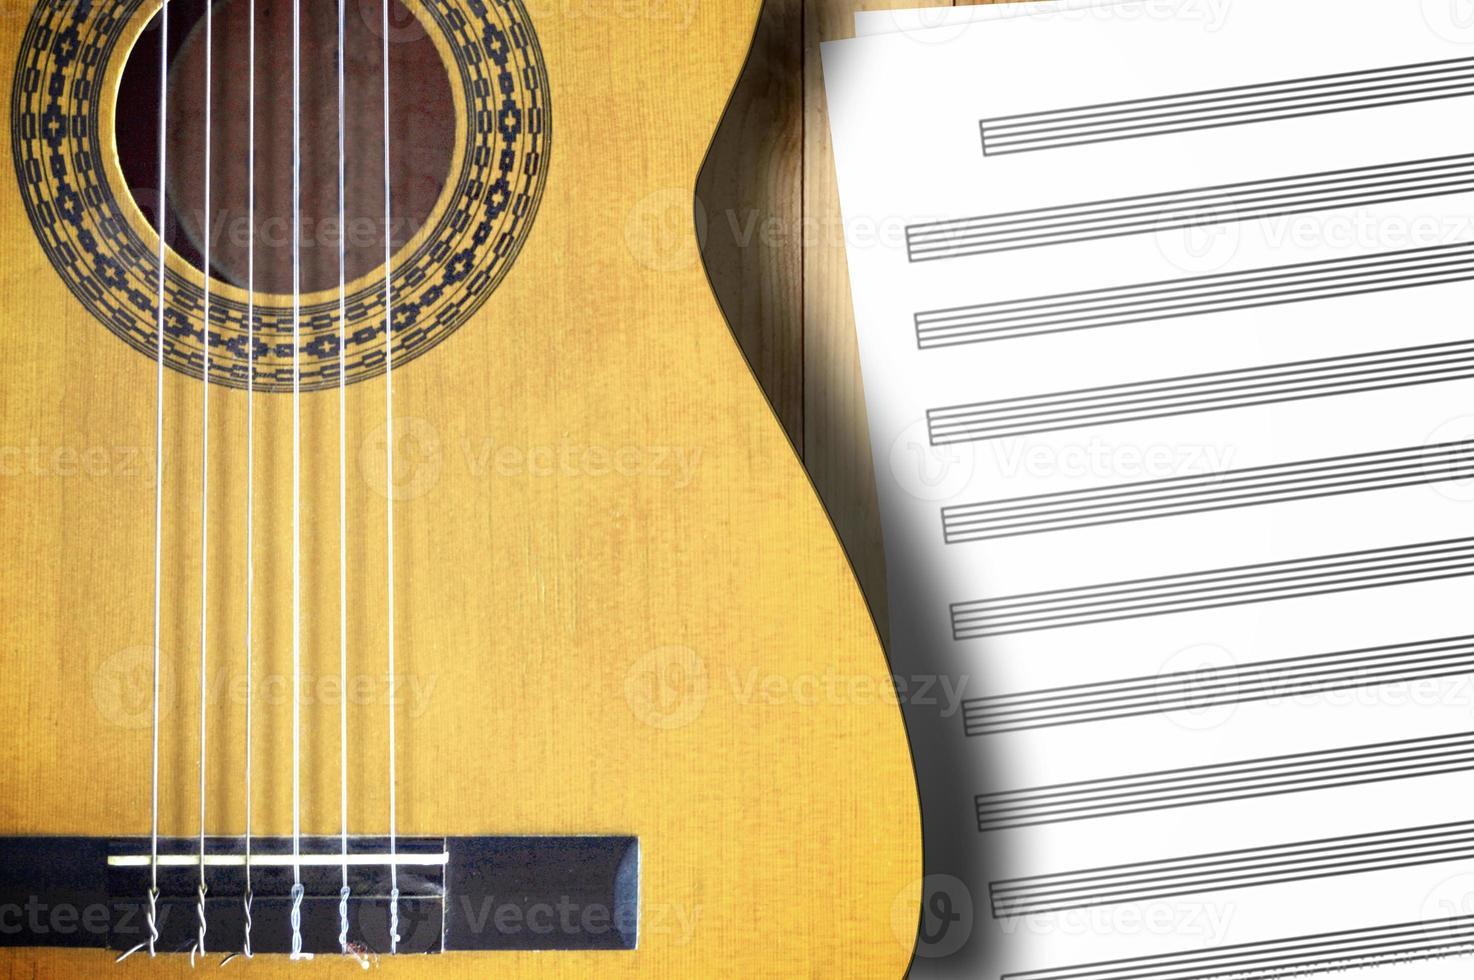 spanische Gitarre mit leeren Notenblättern. foto